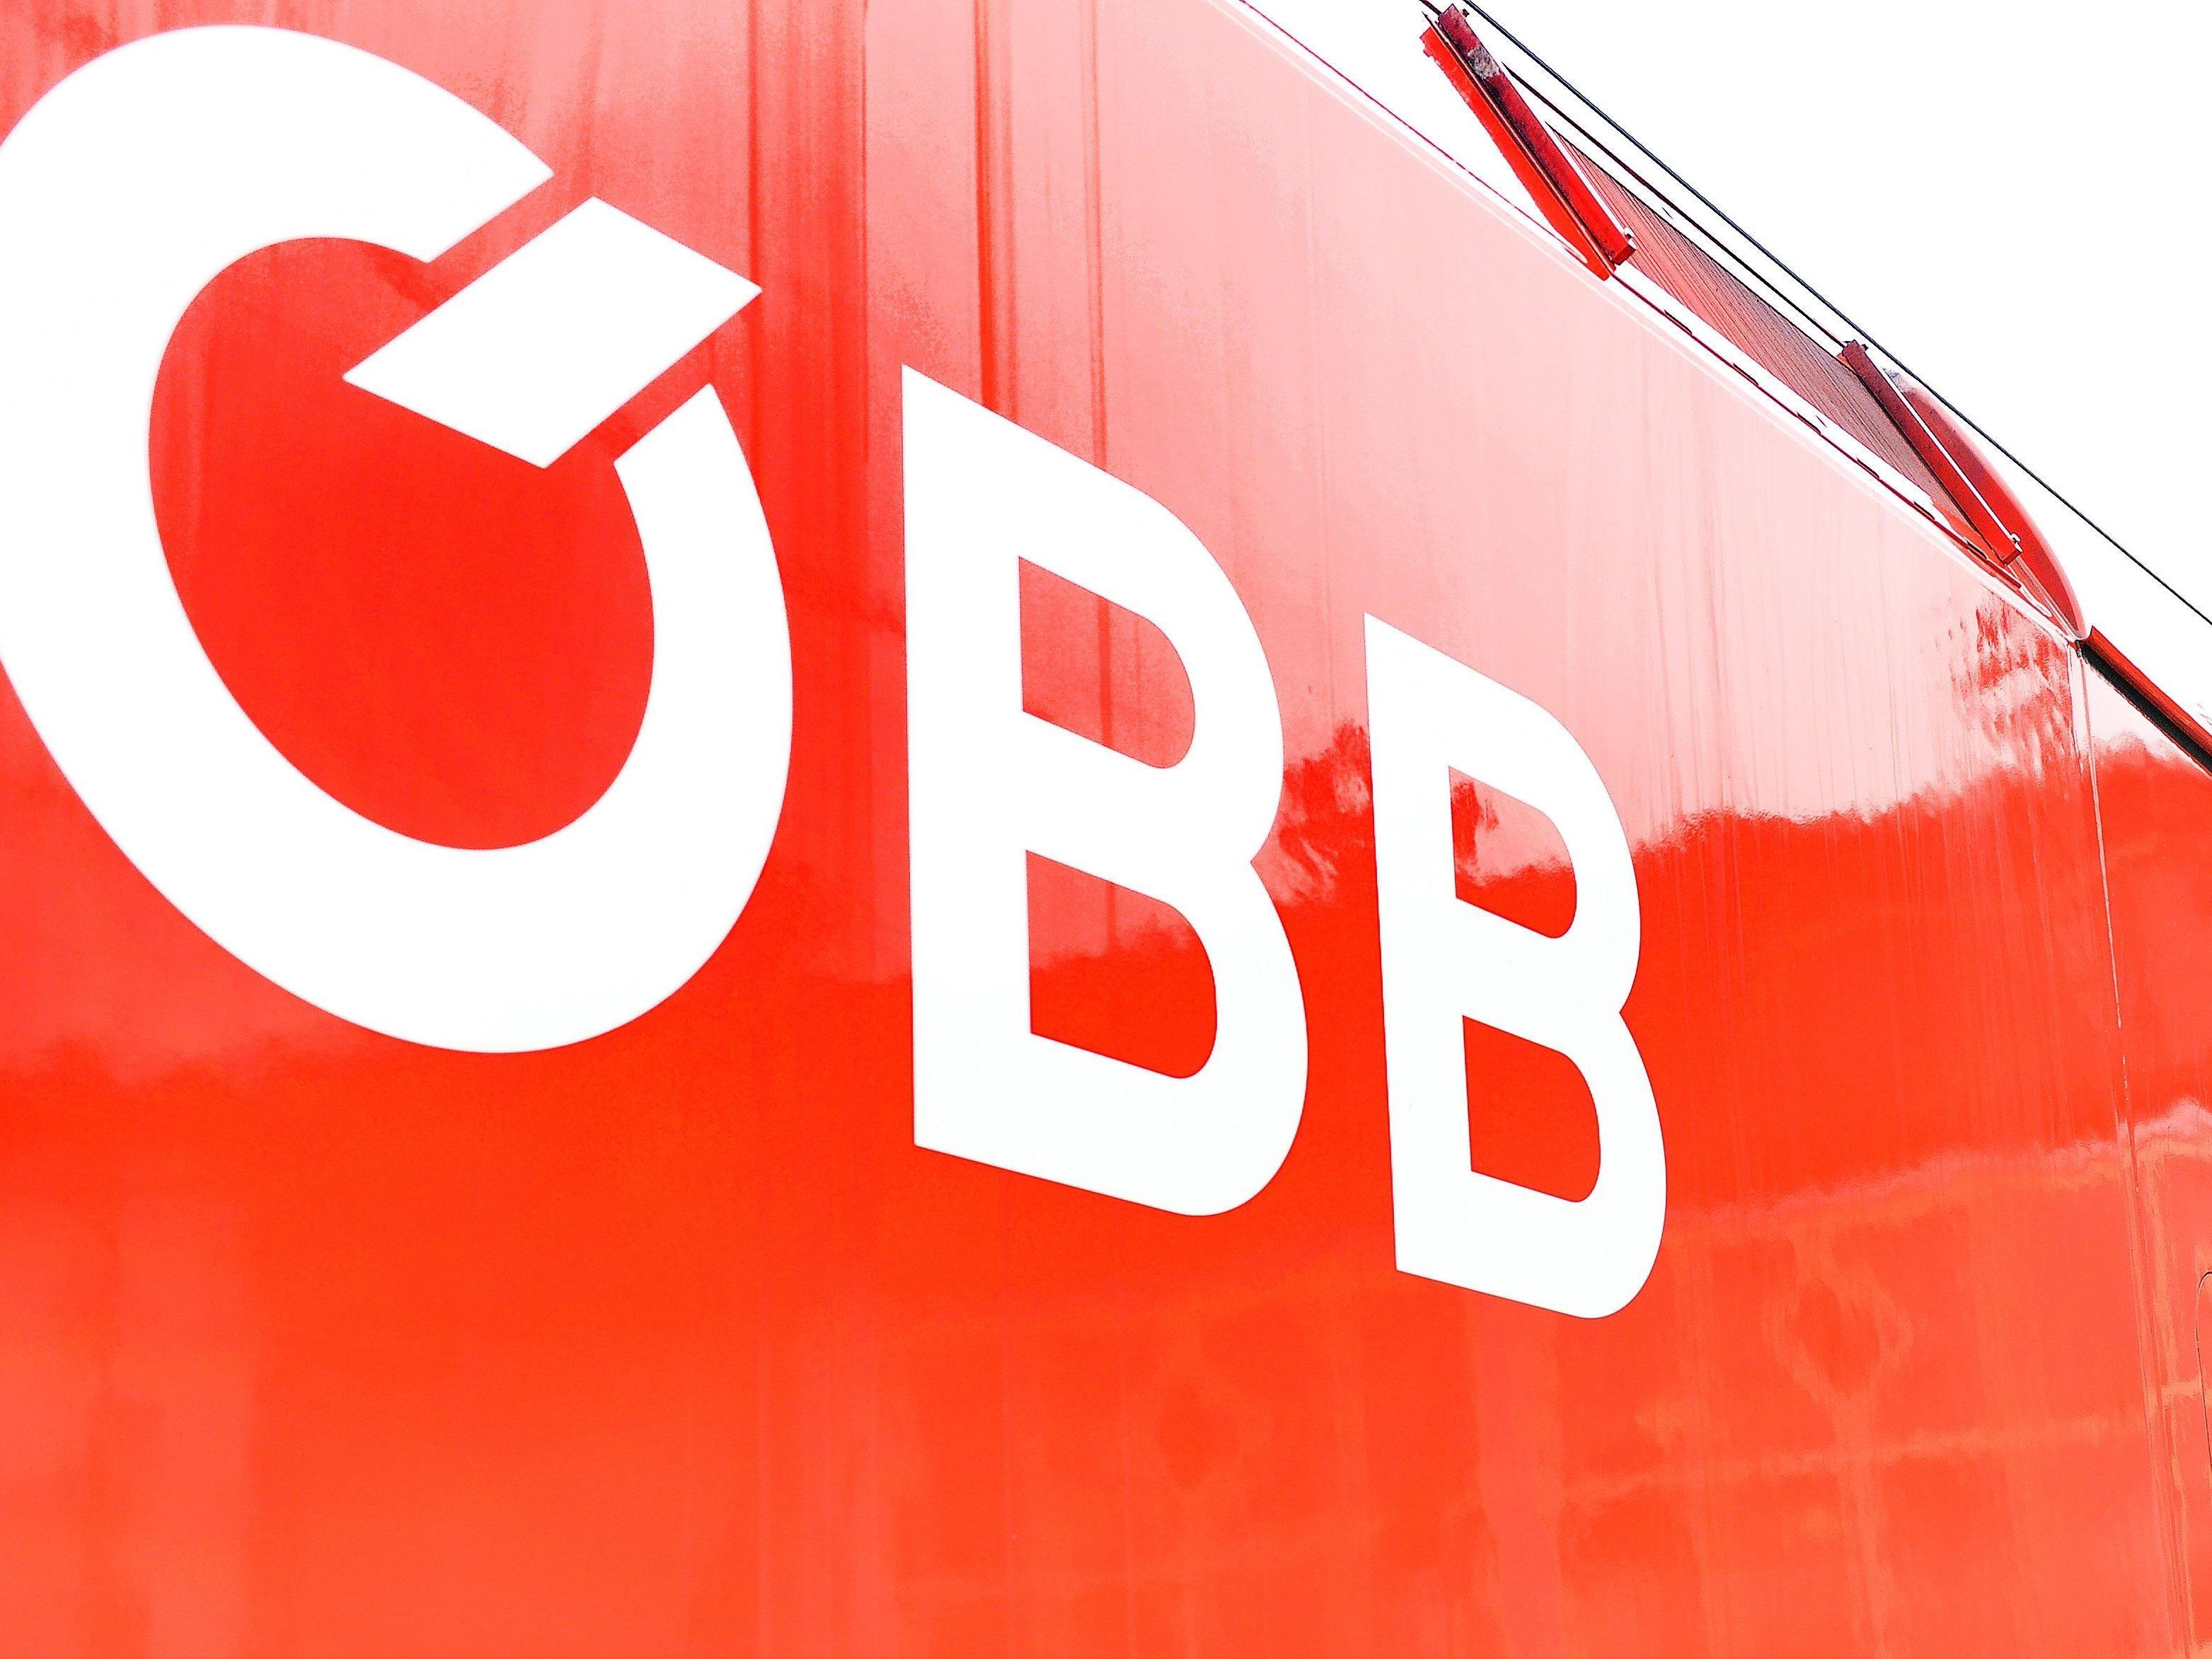 97,1 Prozent der ÖBB-Züge kamen 2014 pünktlich in den Bahnhöfen an.